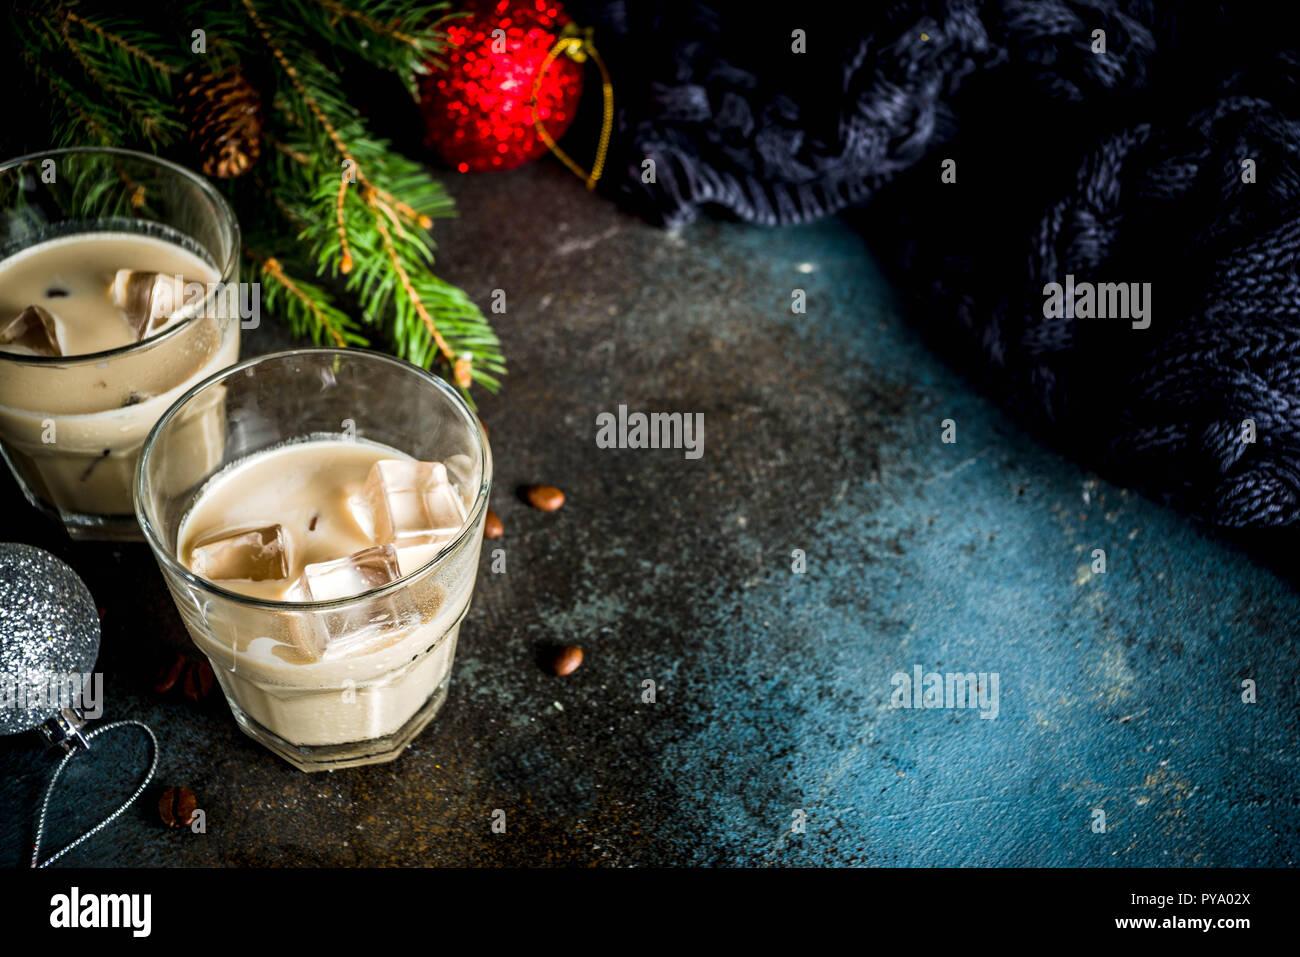 Crema irlandesa tradicional licor, cóctel o bebida de navidad de invierno, oscuro fondo oxidado con ramas de abeto, los granos de café y Navidad decorati Foto de stock